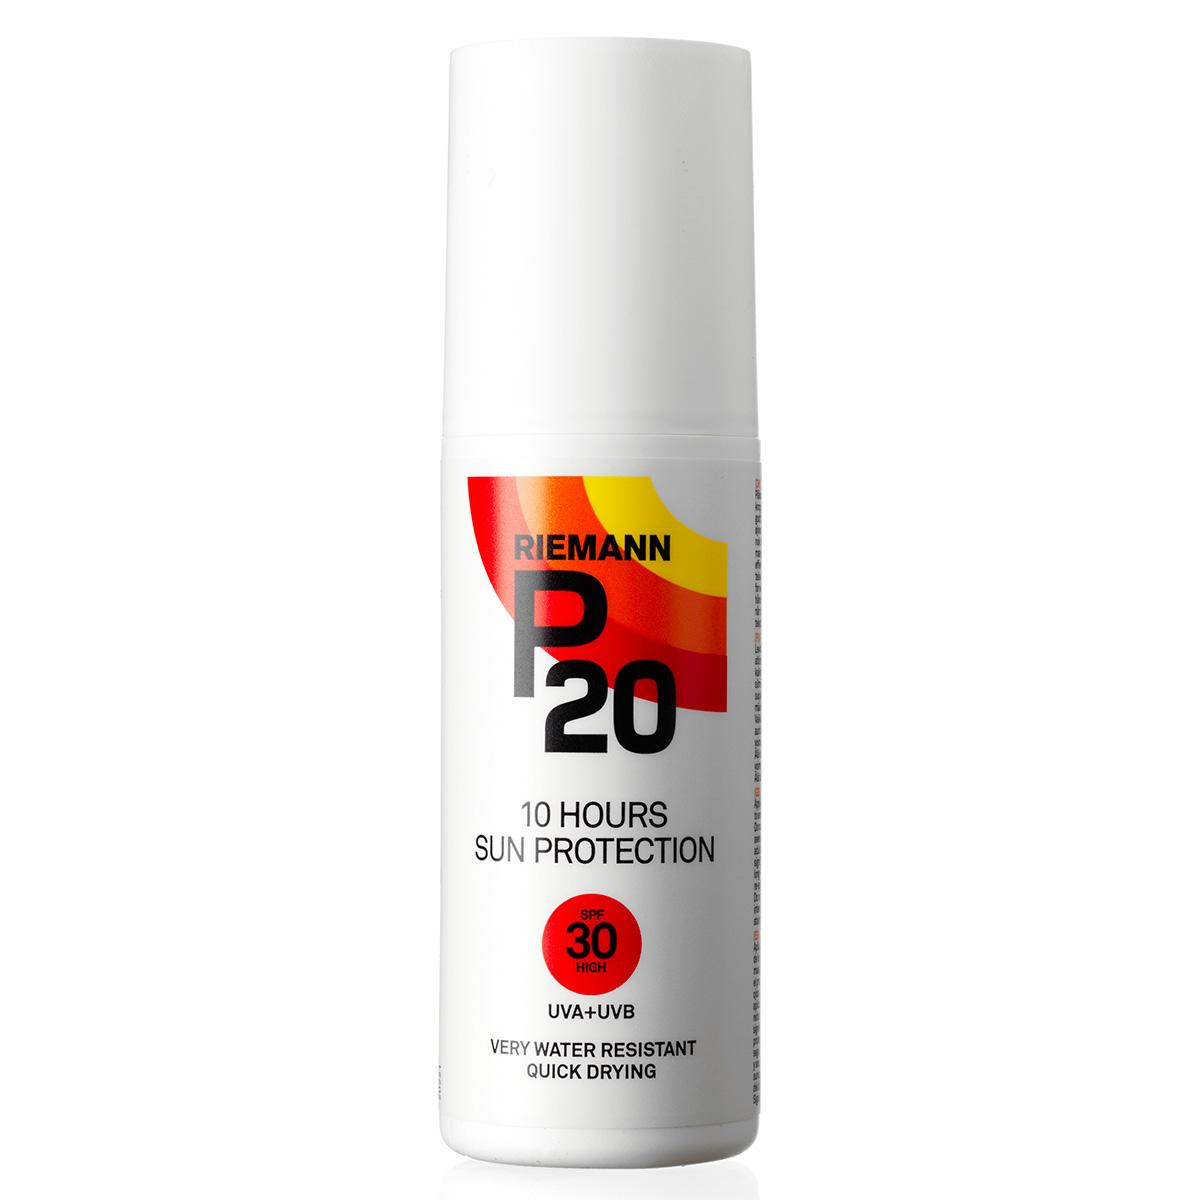 P20 solspray SPF 30 - 100 ml